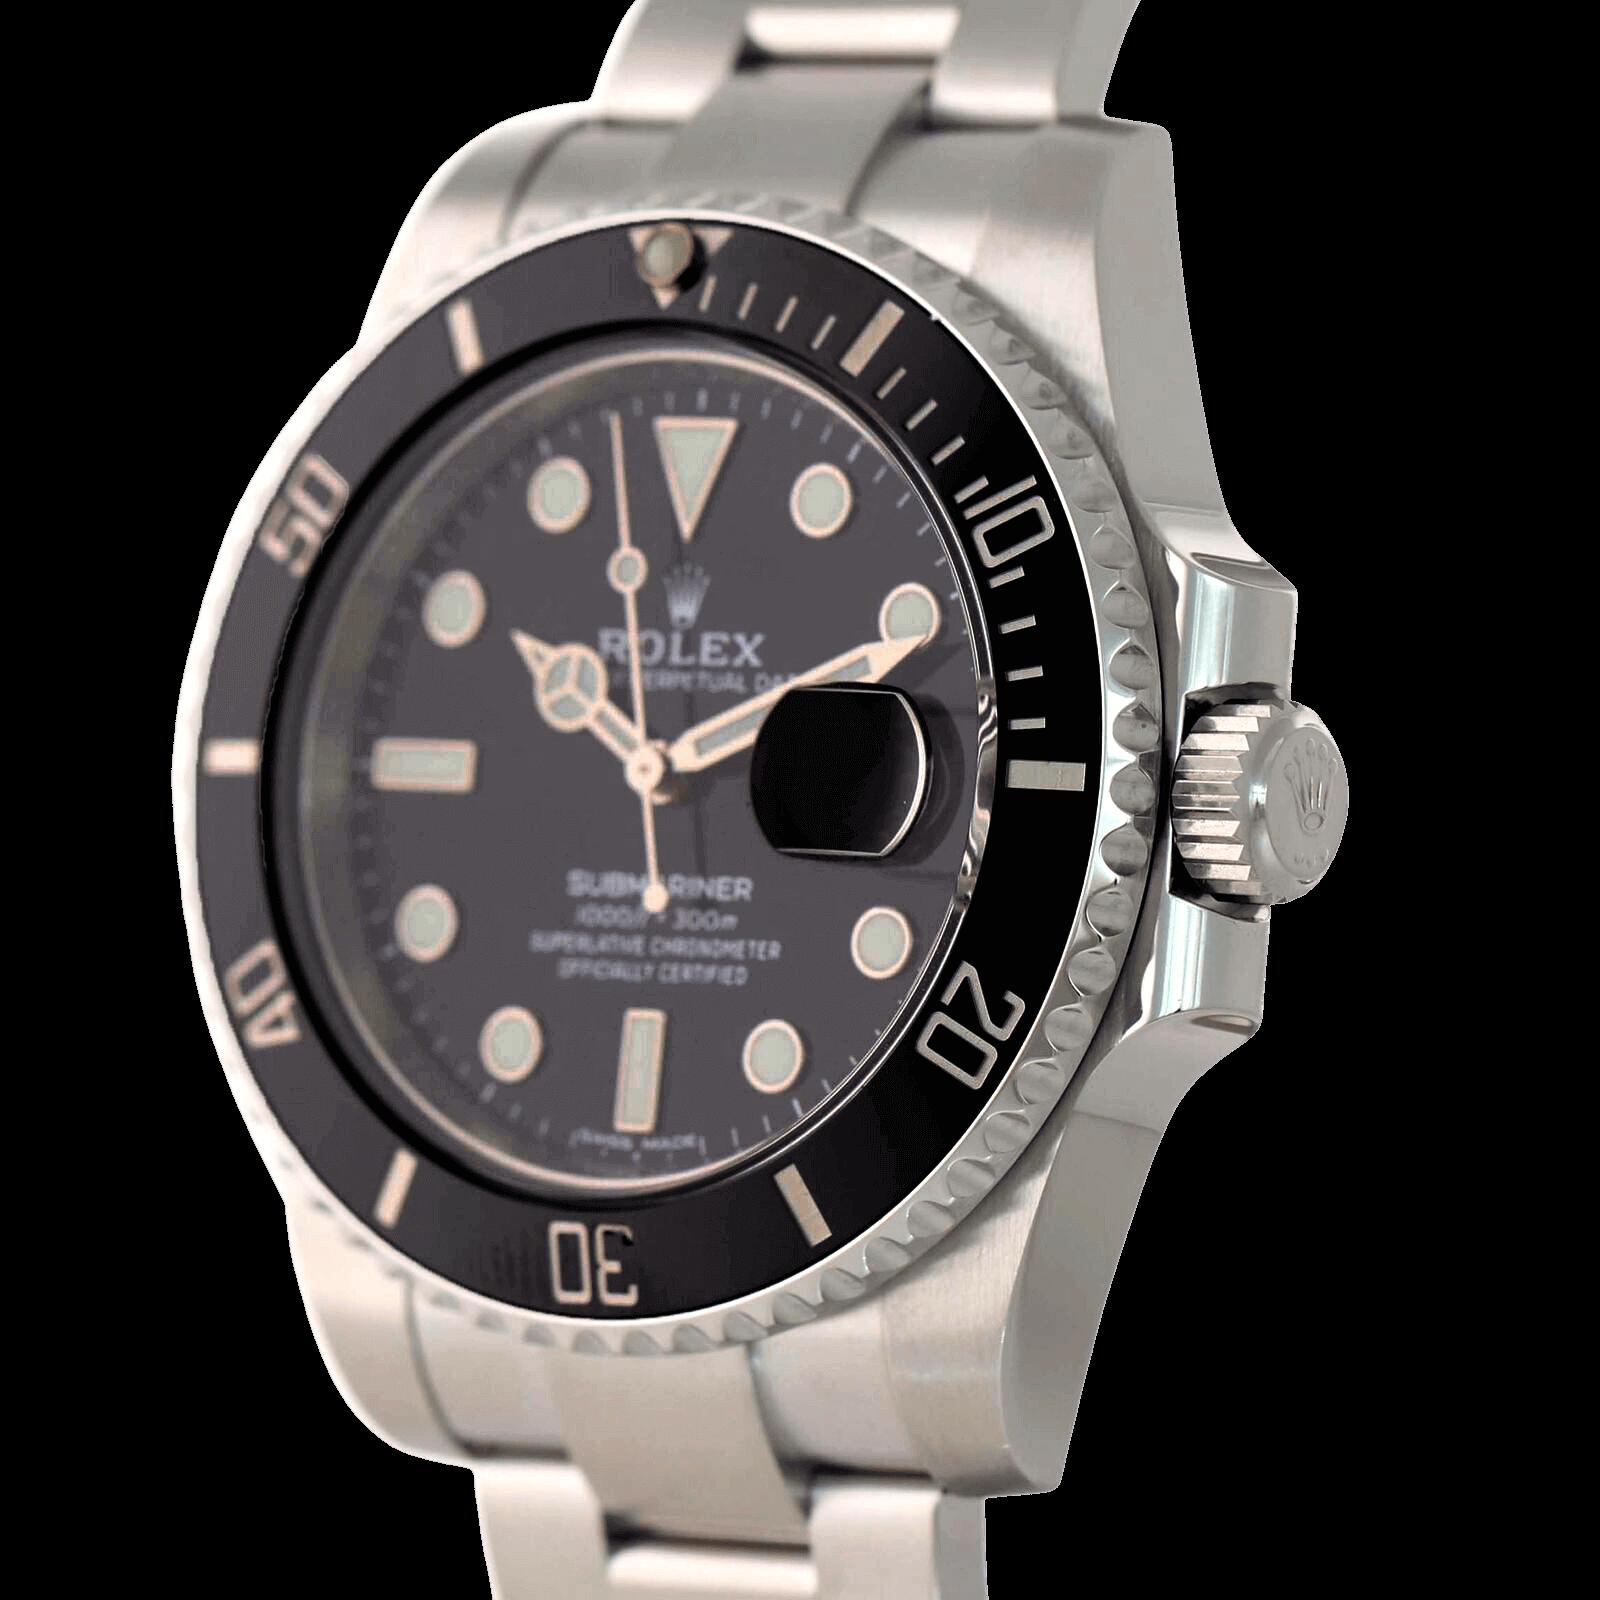 rolex submariner date watch price